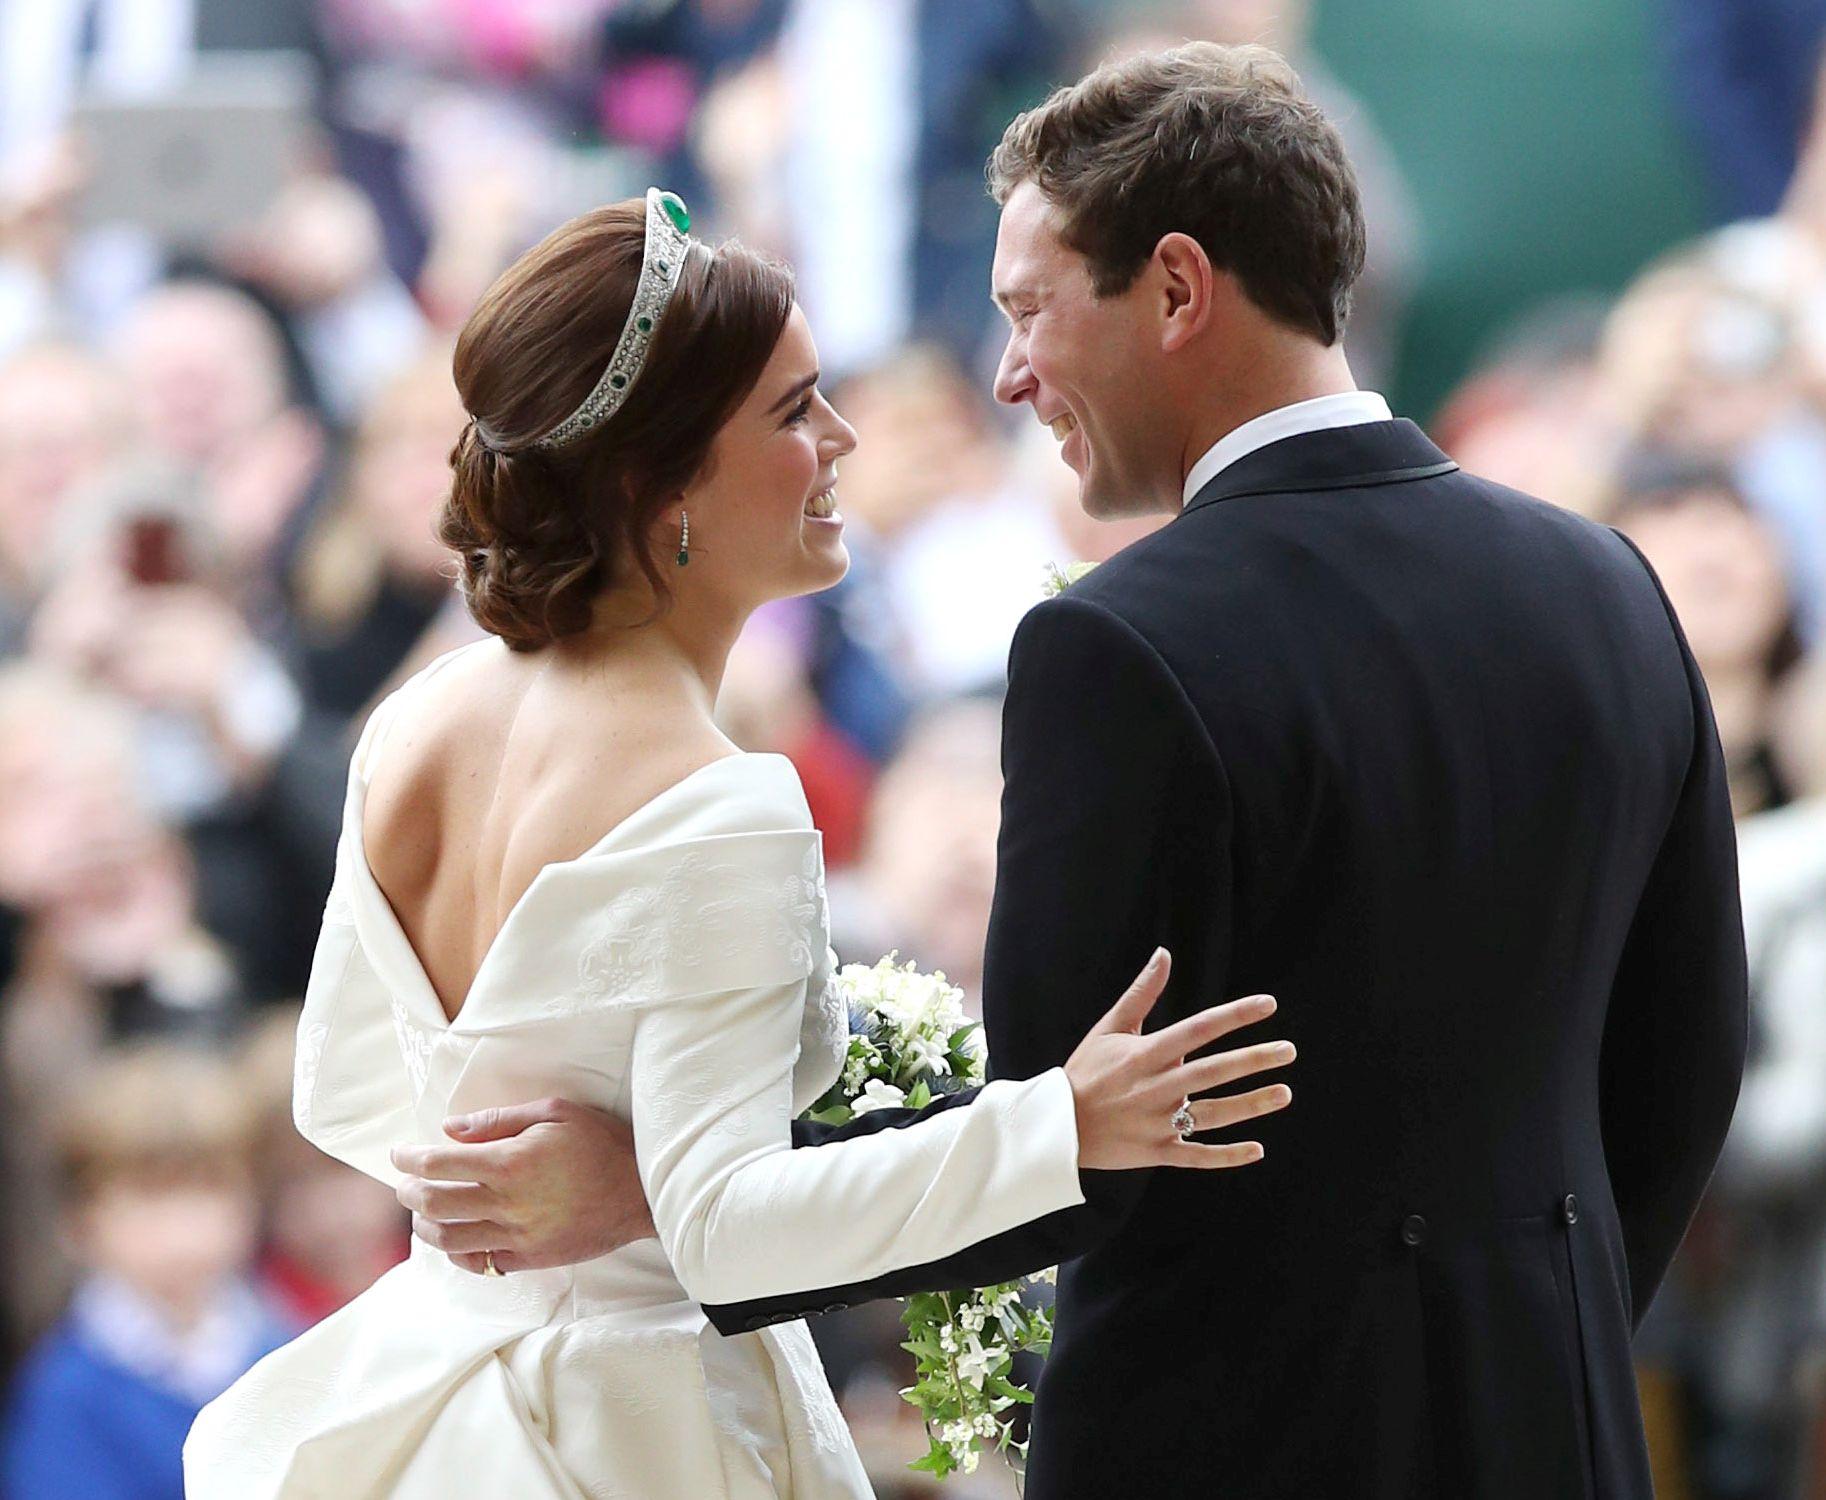 Prințesa Eugenie a ales să nu poarte voal la nuntă